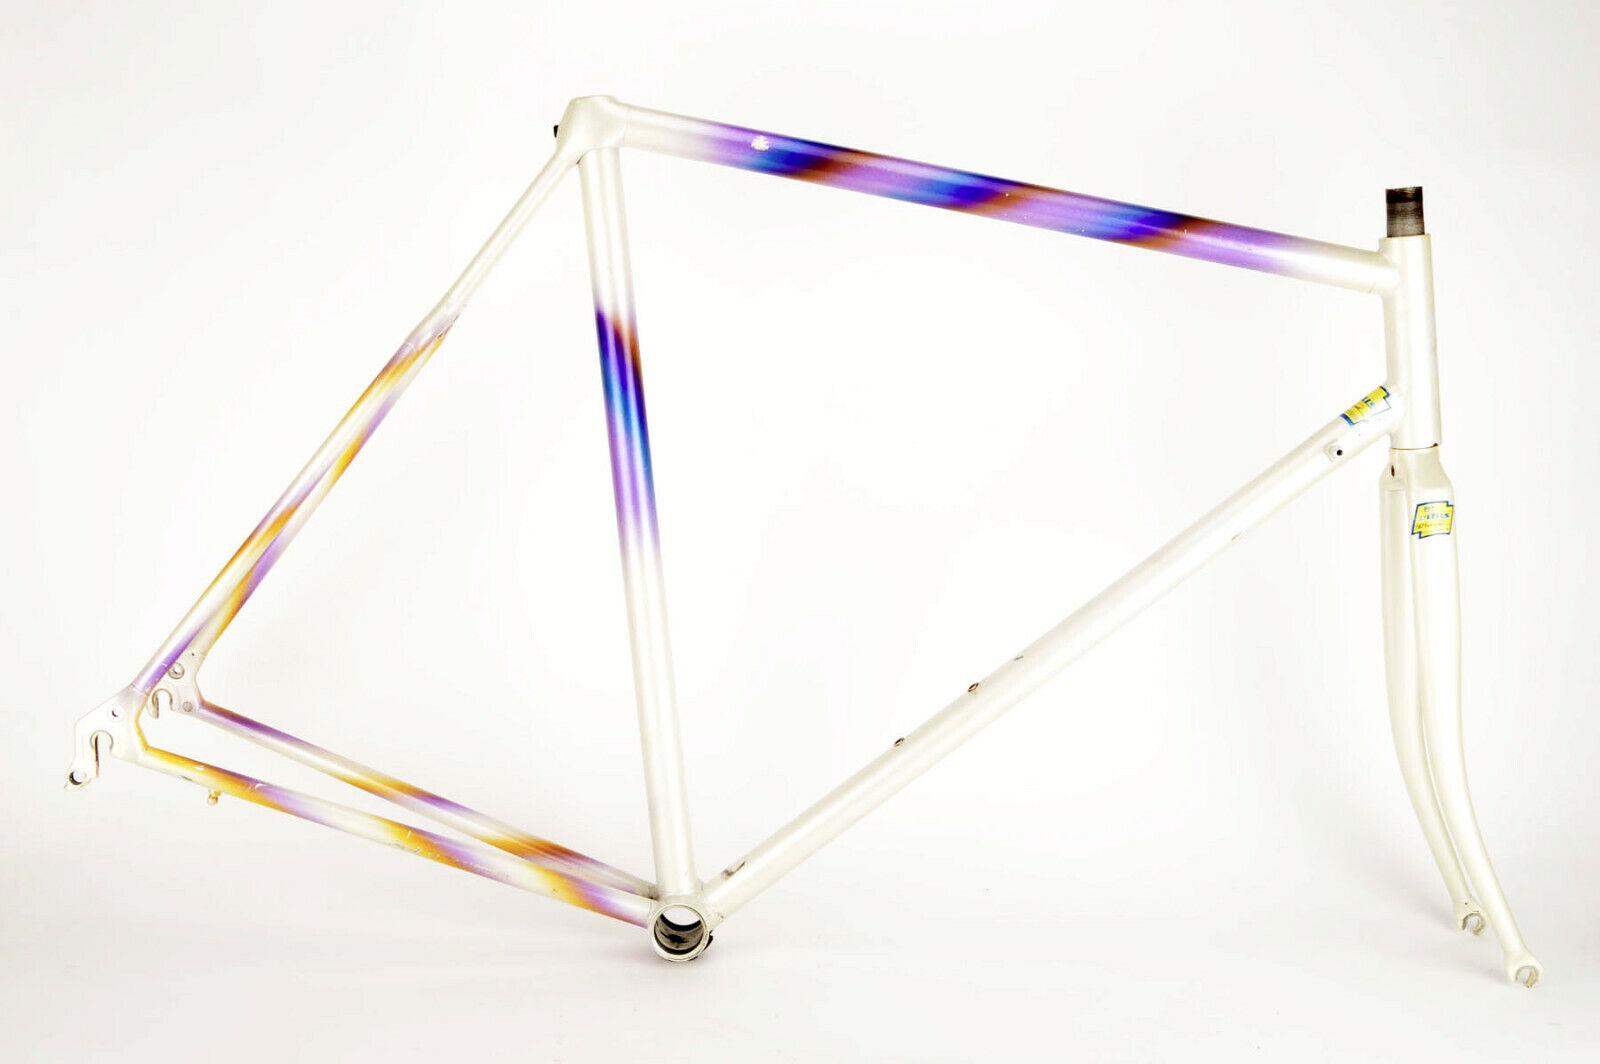 Vitus futural Frame 57 cm (C-T) 55.5 cm (C-C) futural 787